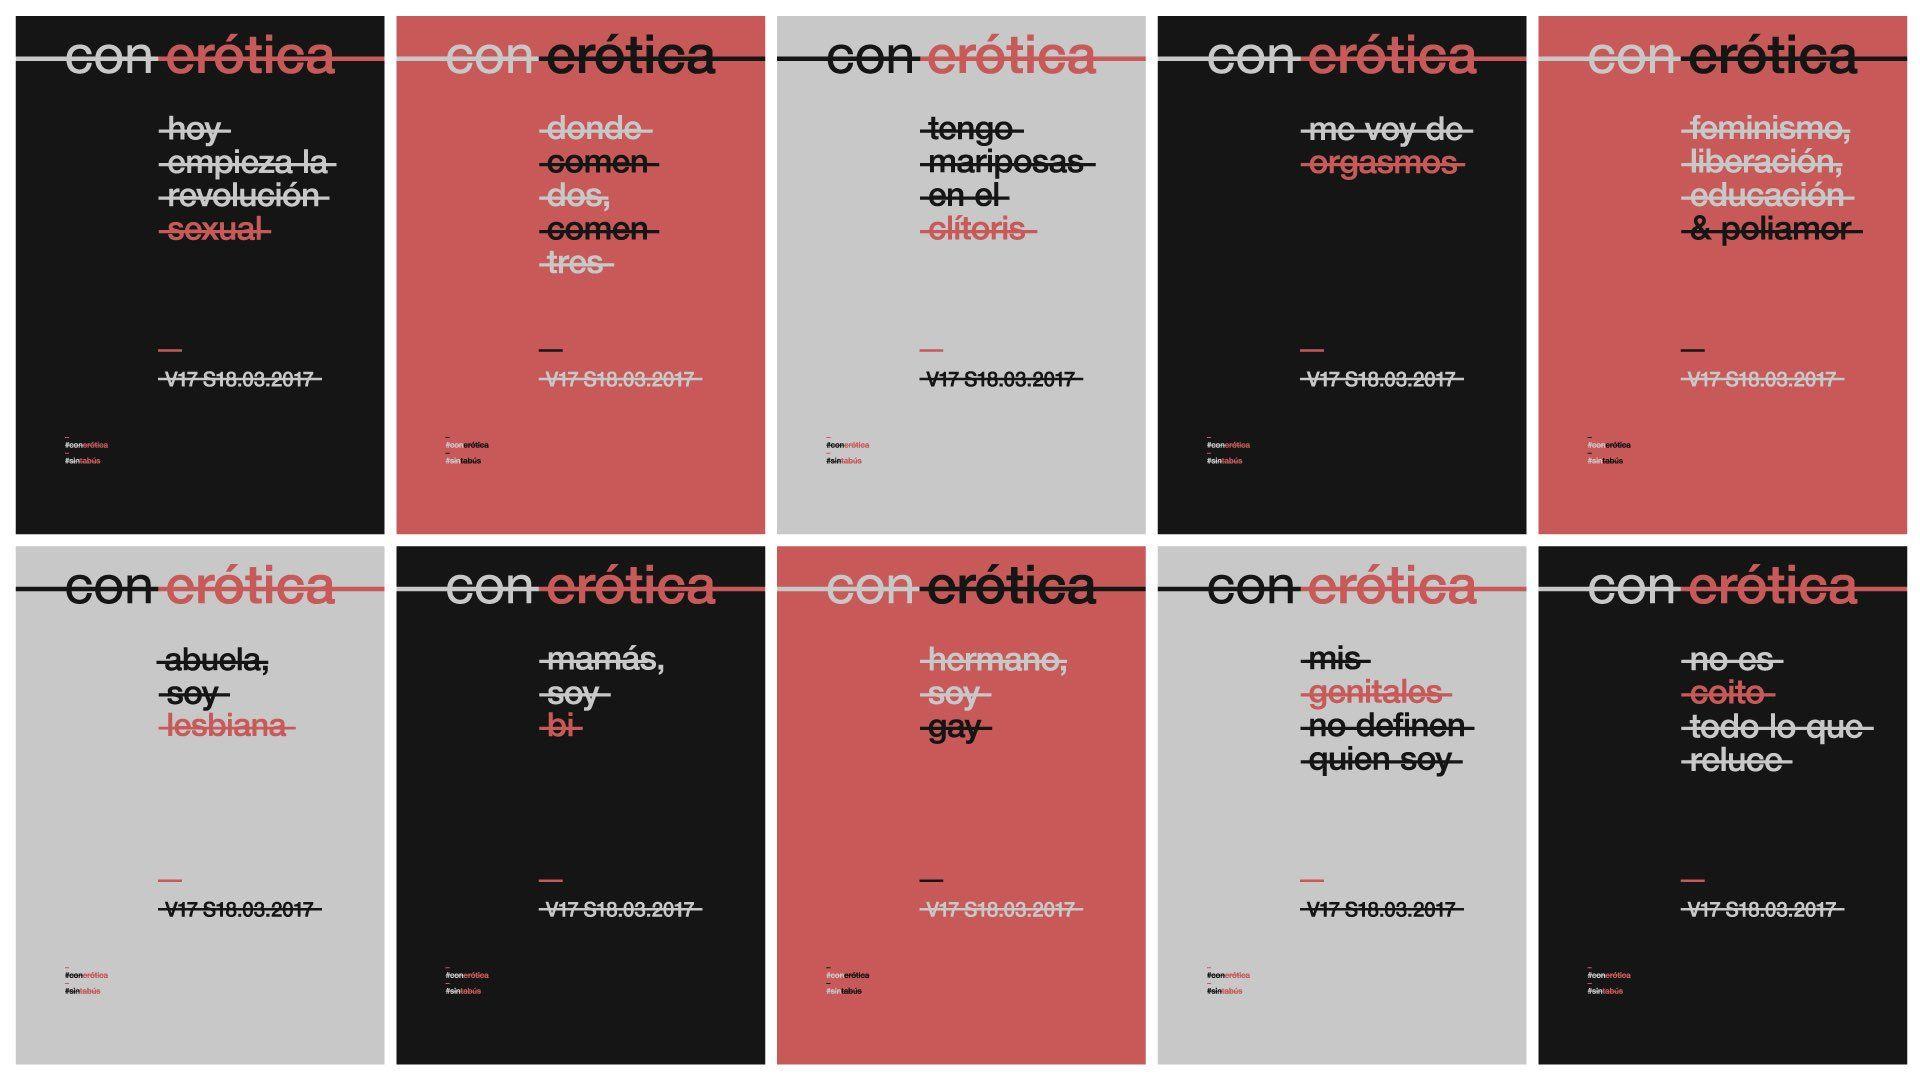 Conerótica desmitificará la sexualidad en Murcia